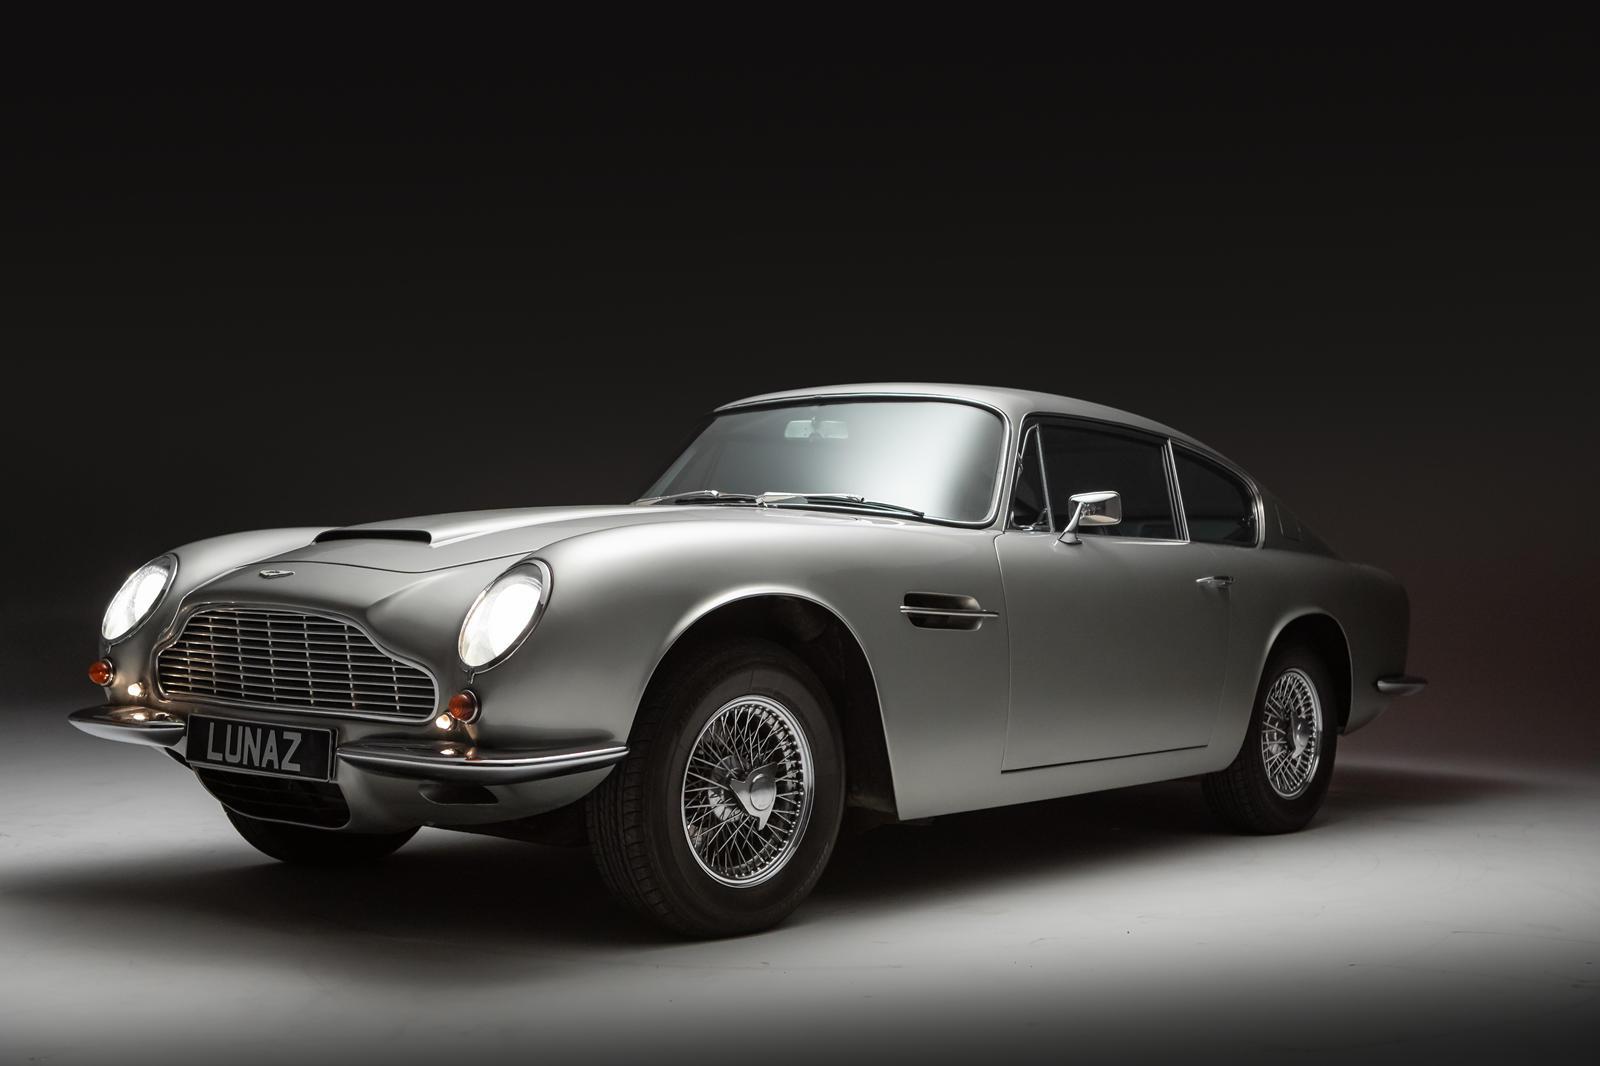 Lunaz Aston Martin DB6 (7).jpg